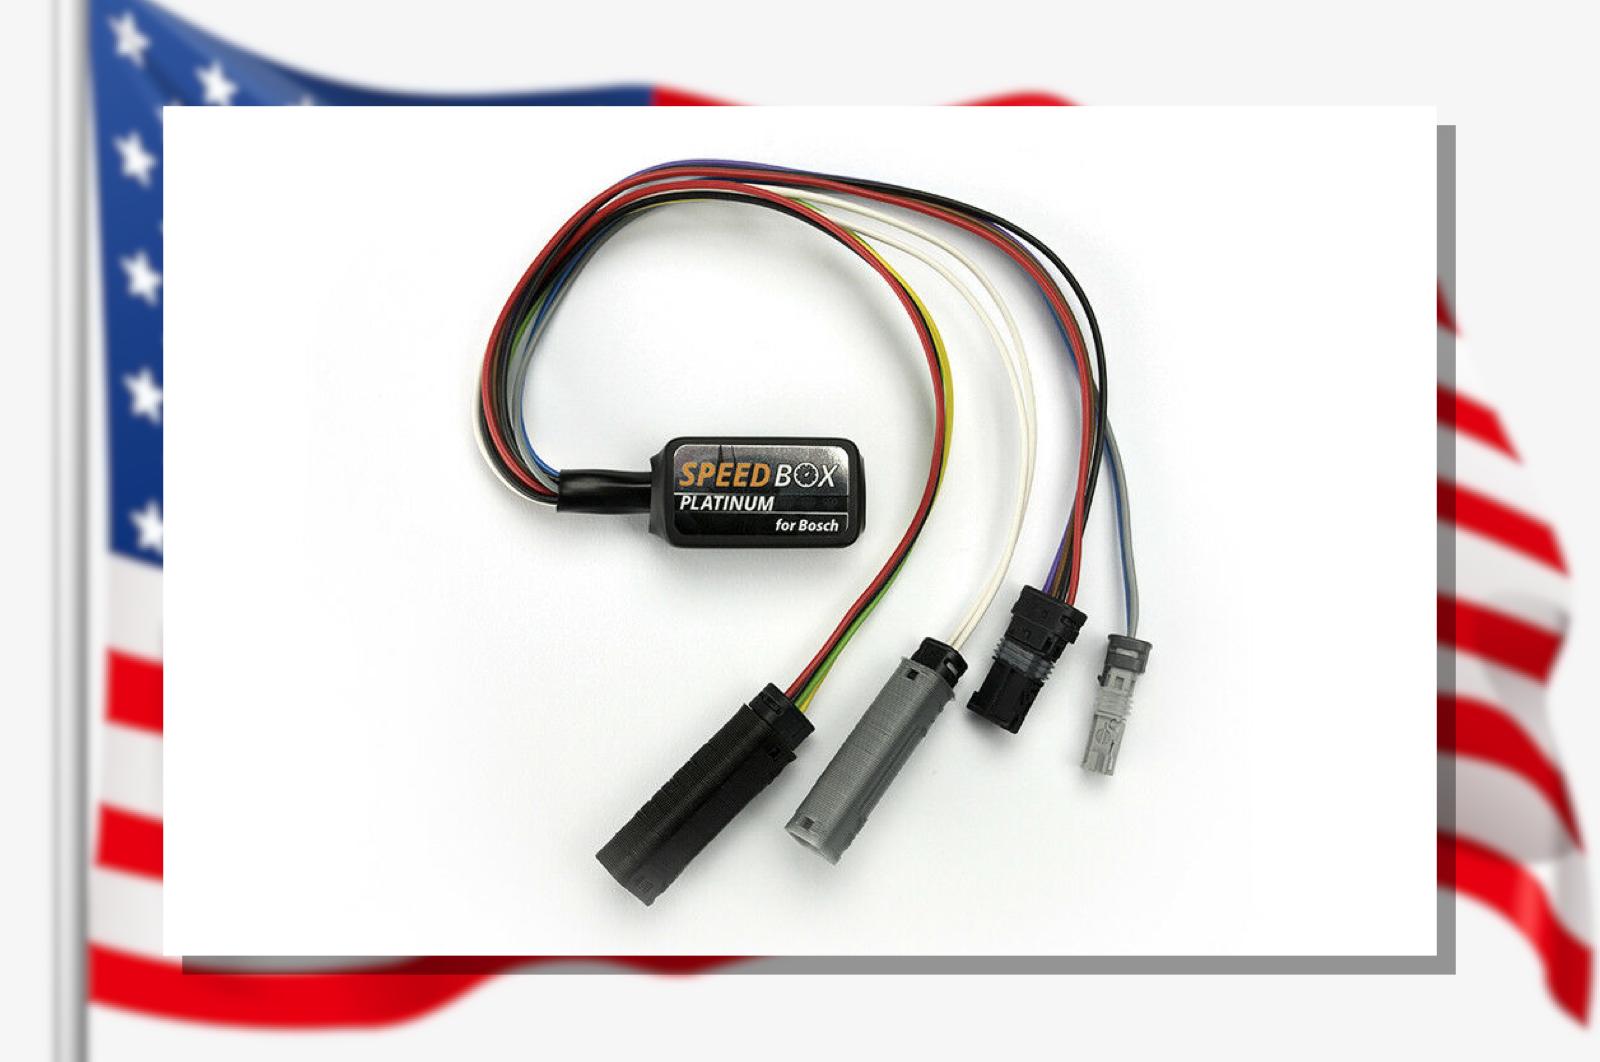 SpeedBox PLATINUM for Bosch Active  Performance  CX  Official USA Dealer